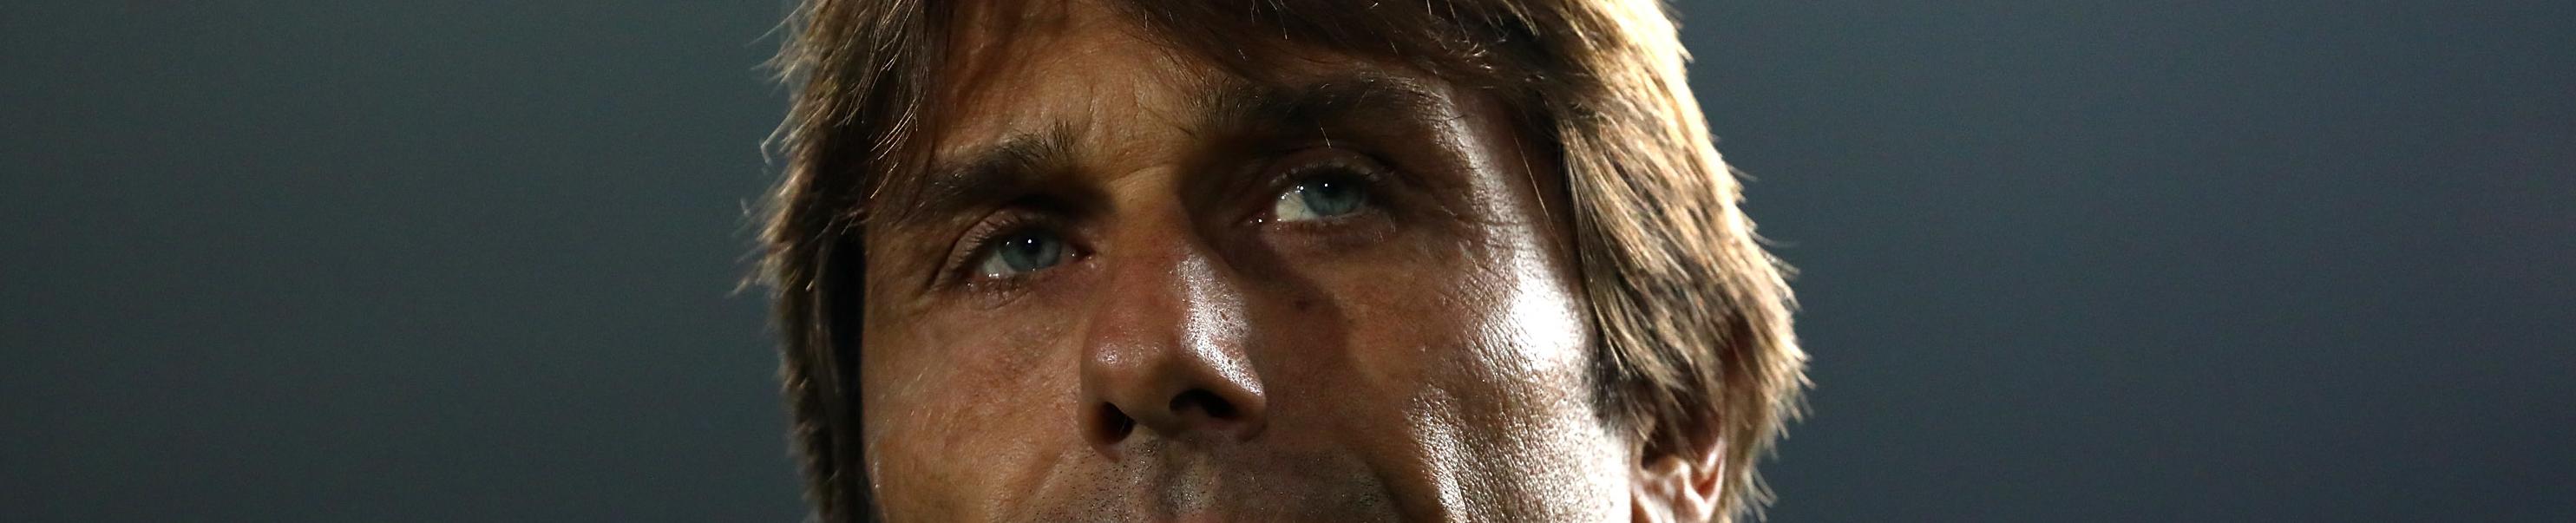 Borussia Dortmund-Inter: chi vince ipoteca il passaggio agli ottavi